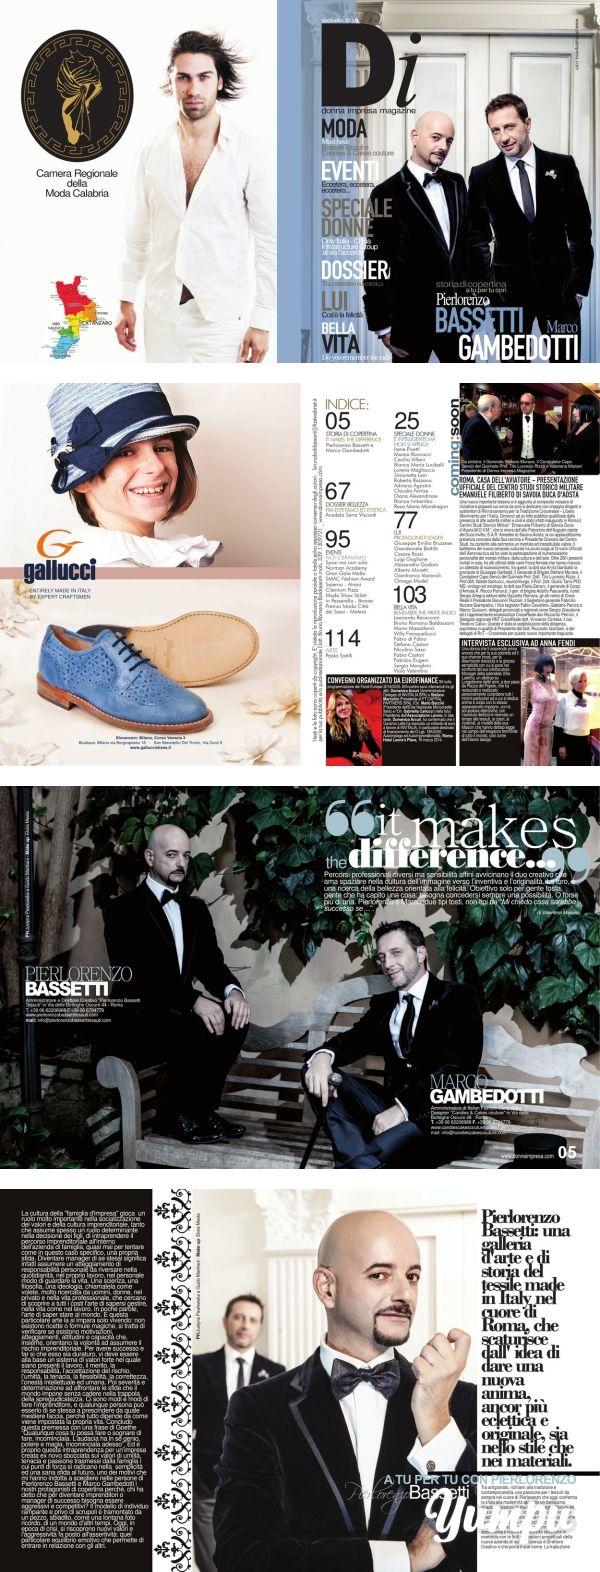 """DONNA IMPRESA MAGAZINE 2013/2014 cover Pierlorenzo Bassetti e Marco Gambedotti - Magazine with 58 pages: """"IT MAKES THE DIFFERENCE"""" Percorsi professionali diversi ma sensibilità affini avvicinano il duo creativo che ama spaziare nella cultura dell'immagine verso l'inventiva e l'originalità. La loro, è una ricerca della bellezza orientata alla felicità. Obiettivo solo per gente tosta, gente che ha capito una cosa: bisogna concedersi sempre una possibilità. O forse più di una. Pierlorenzo e ..."""